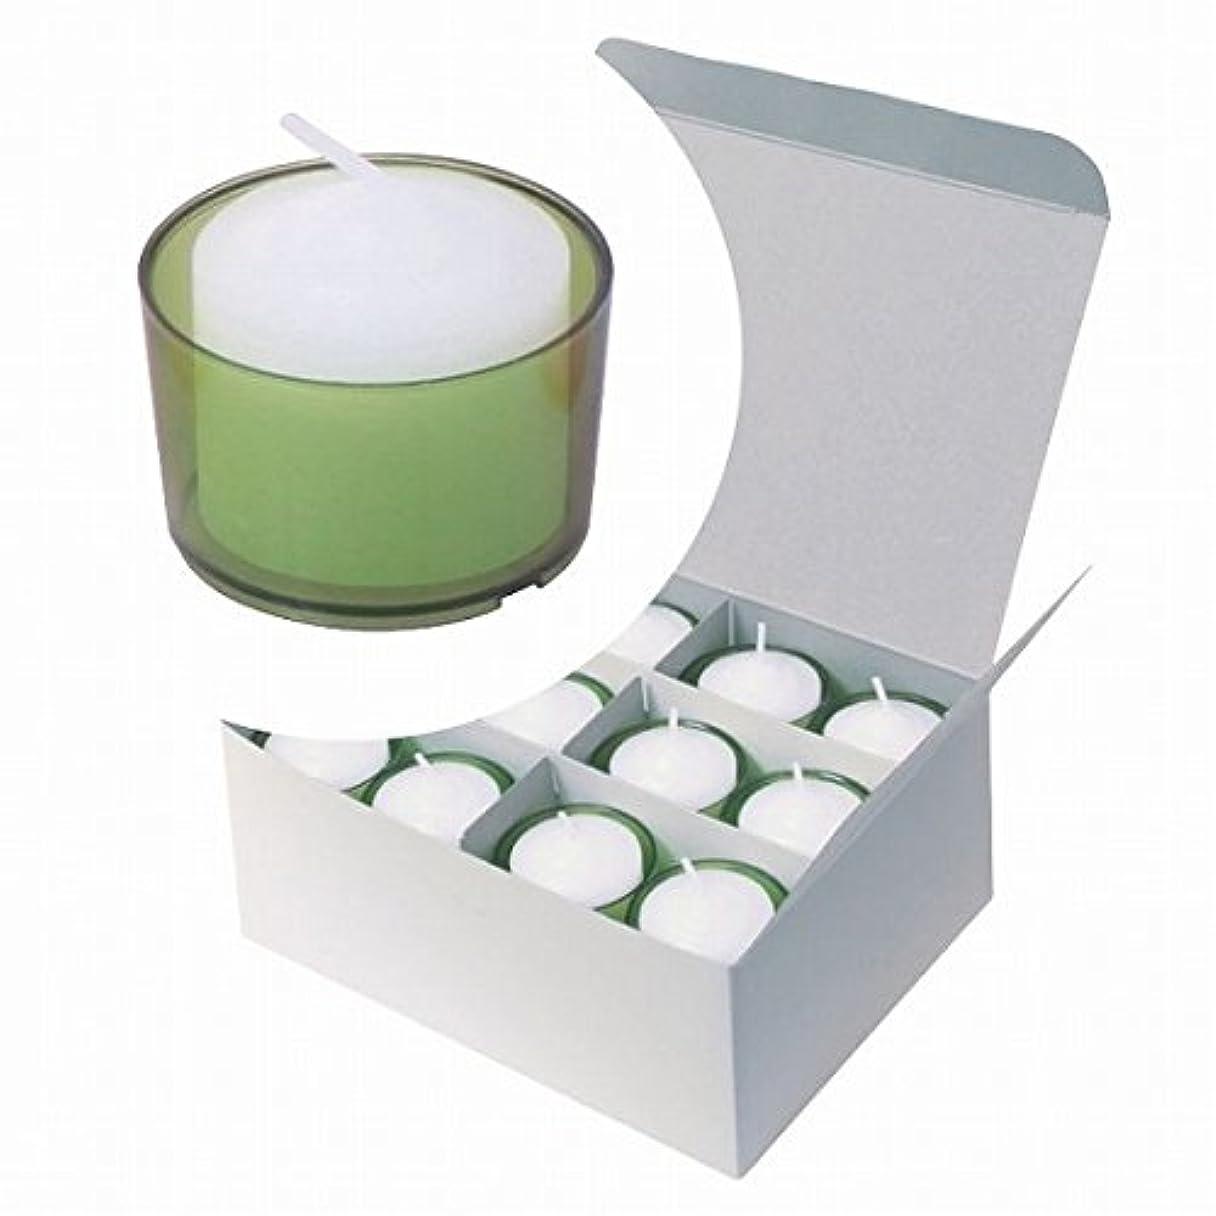 収束傾向があります揺れるカメヤマキャンドル(kameyama candle) カラークリアカップボーティブ6時間タイプ 24個入り 「 グリーン 」